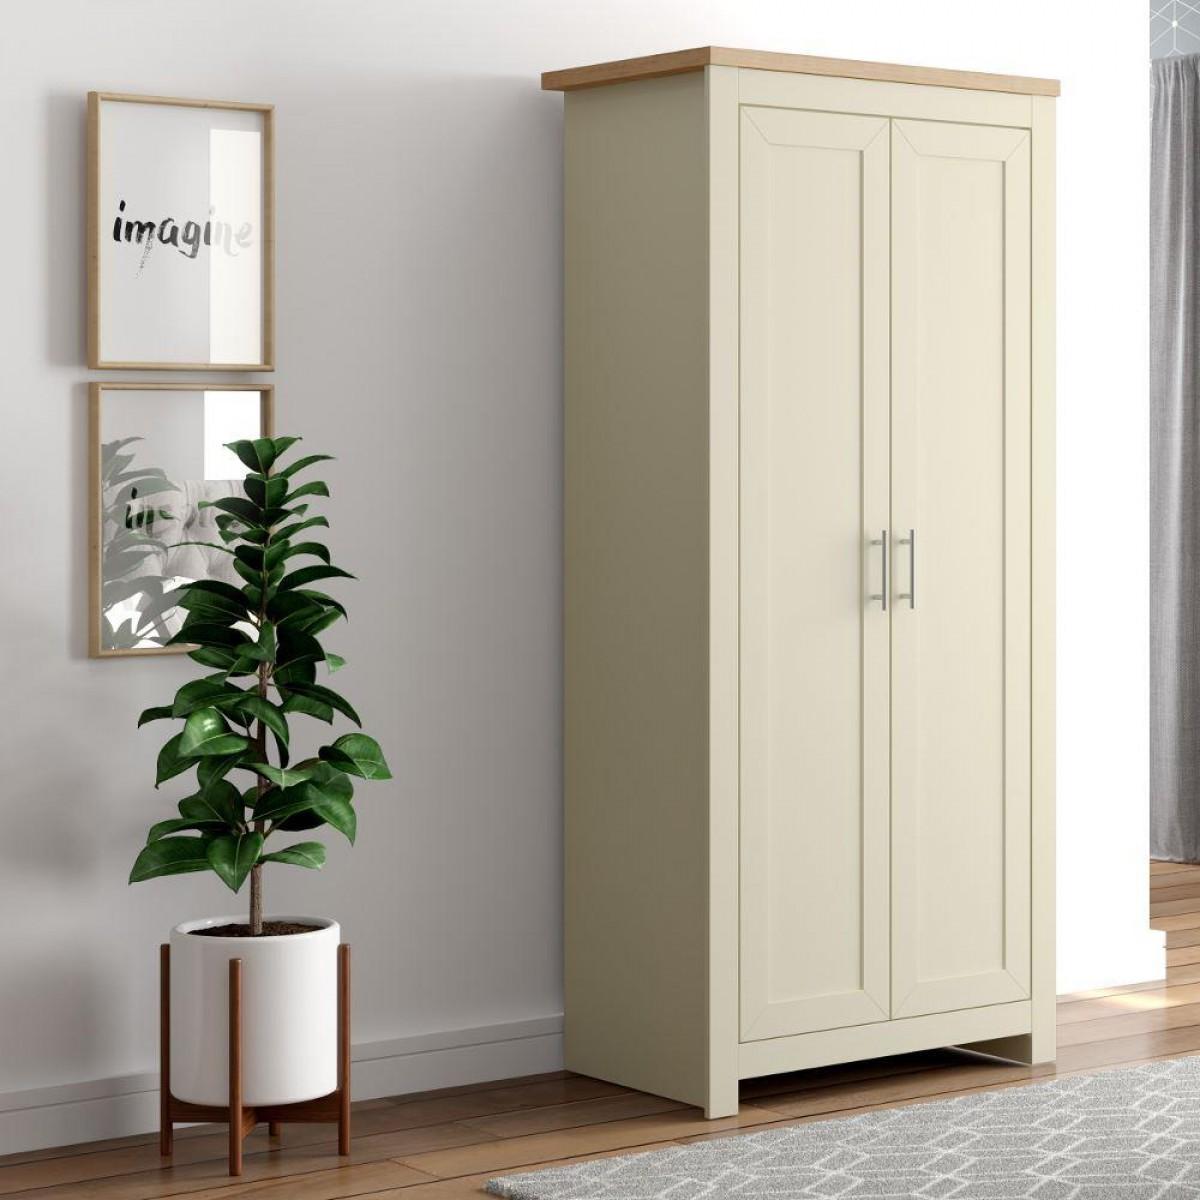 Winchester Cream and Oak 2 Door Wardrobe